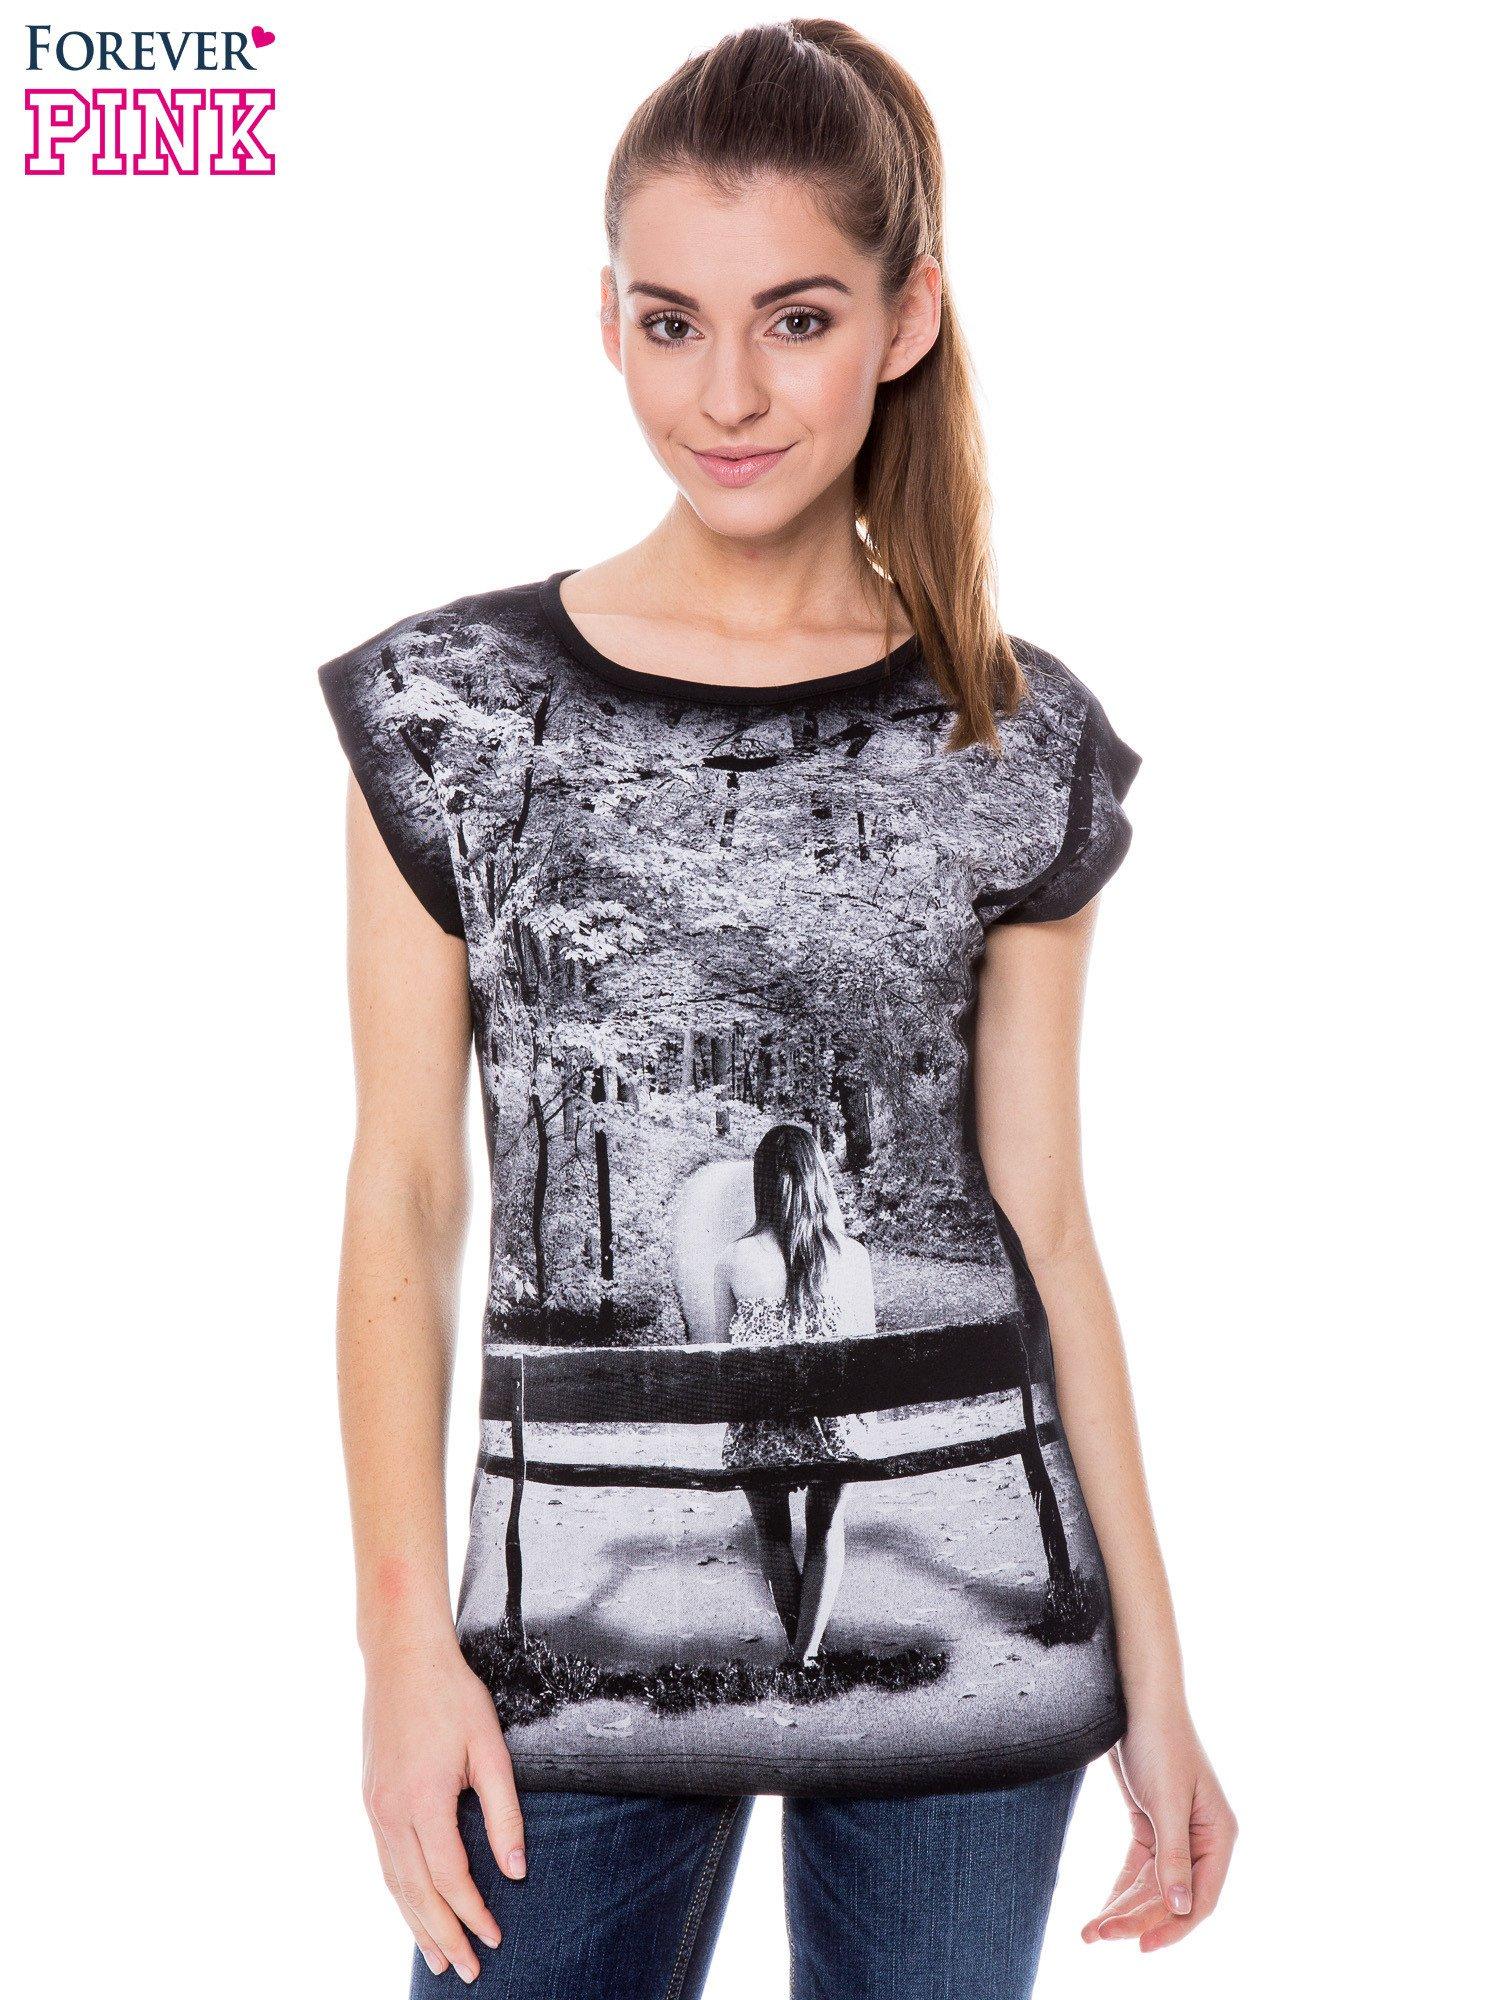 Czarny t-shirt z grafiką krajobrazu                                  zdj.                                  1